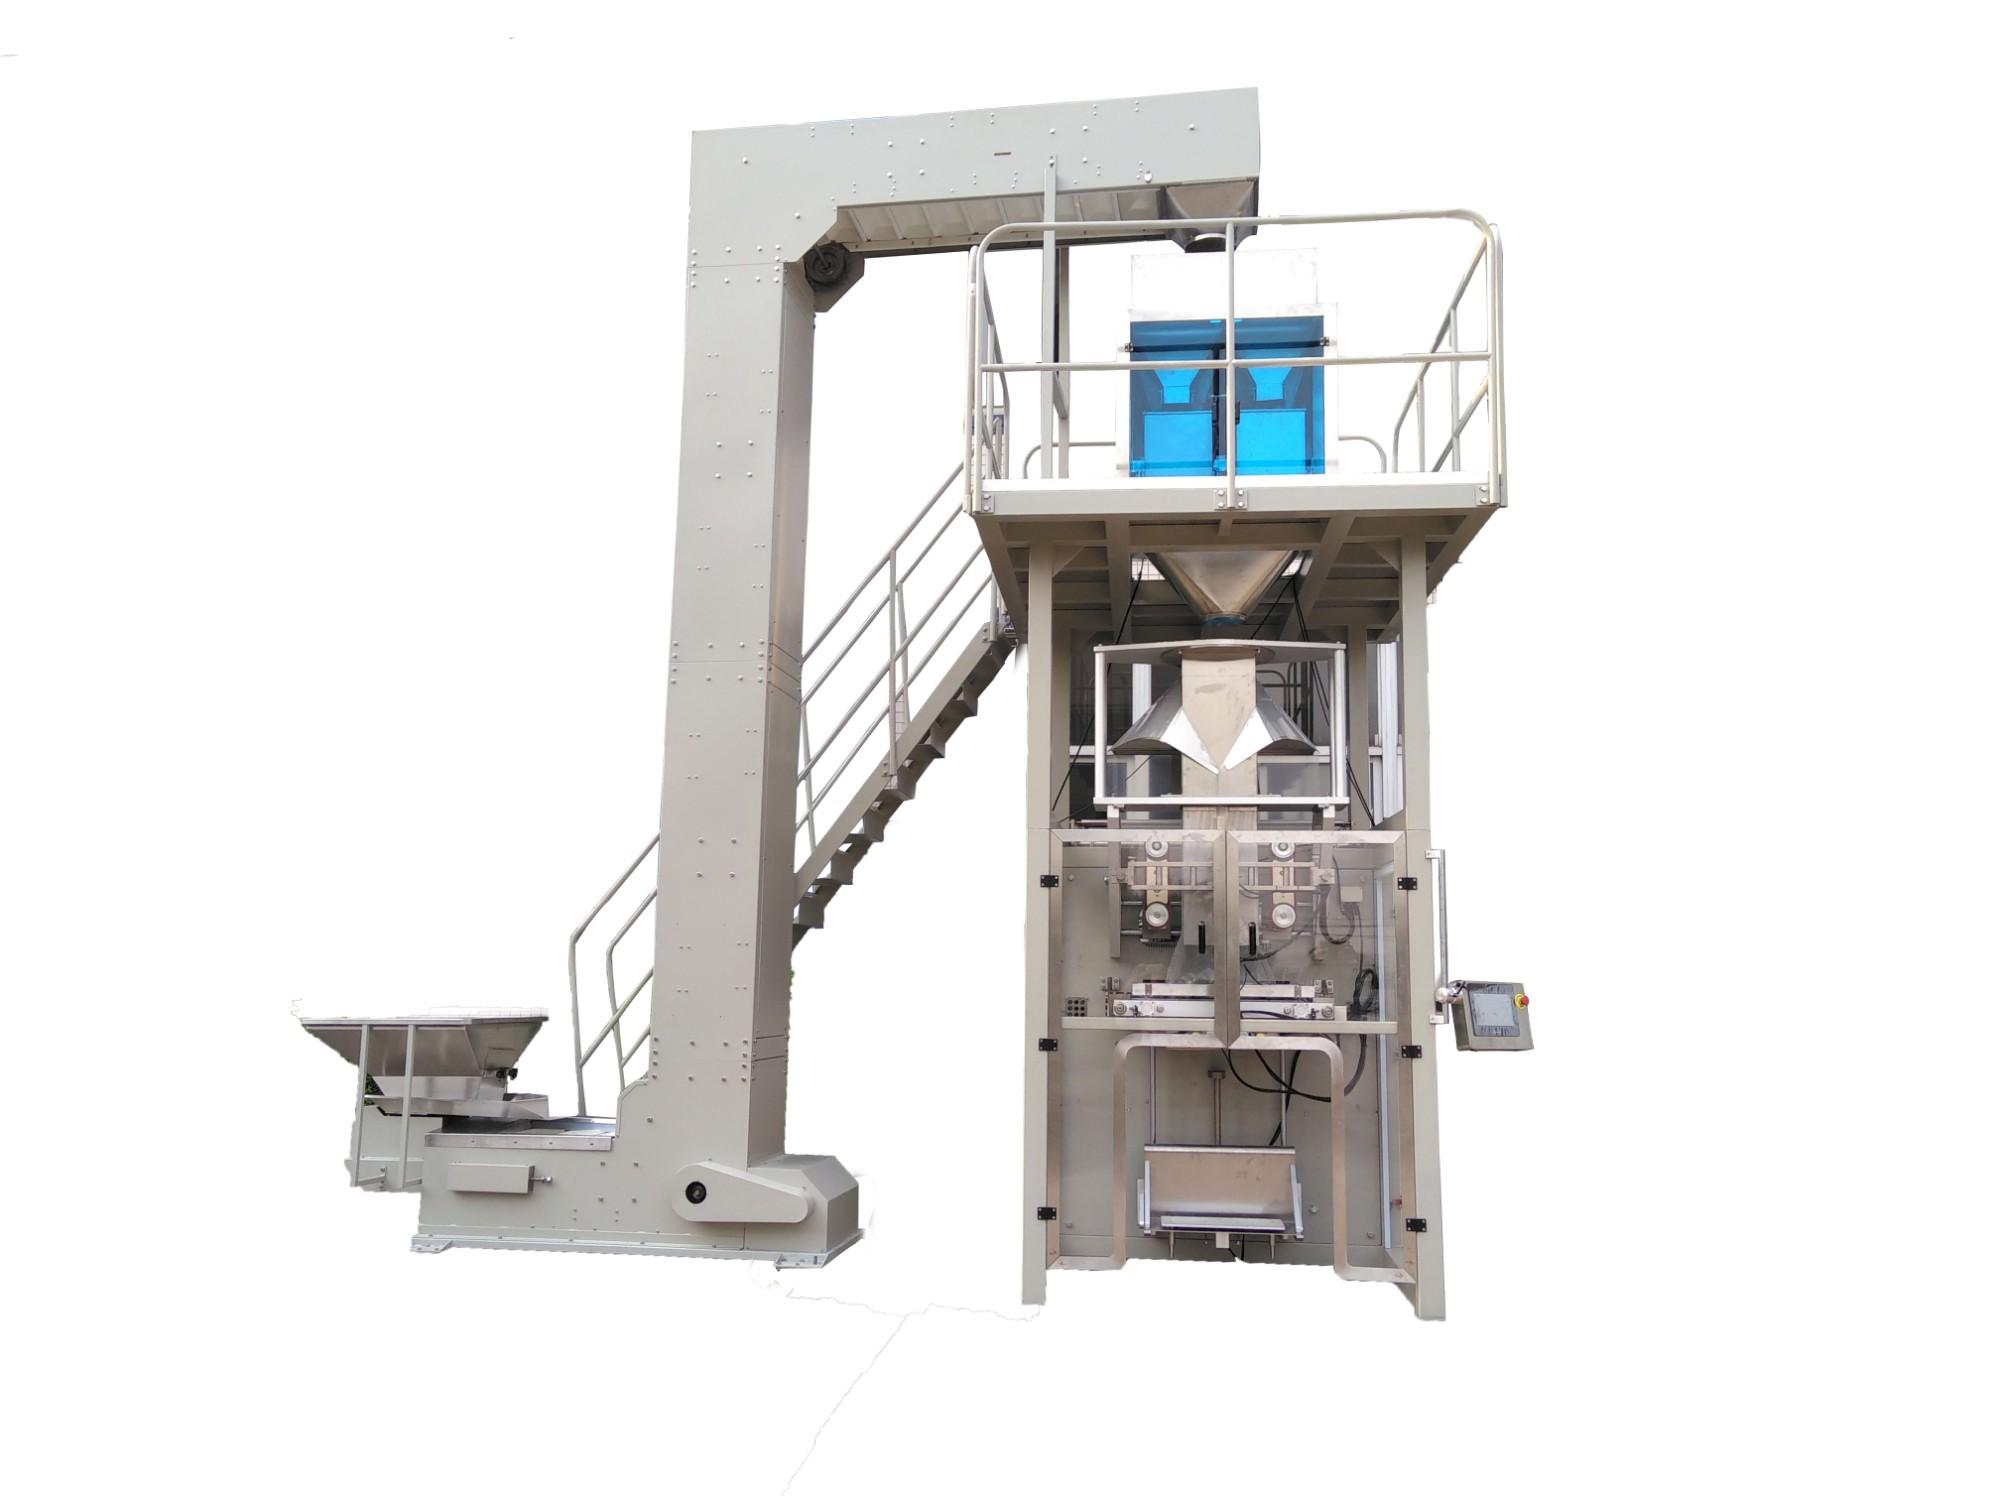 Große vertikale Verpackungsmaschine von BAOPACK zum Verpacken großer Dosierungsmaterialien